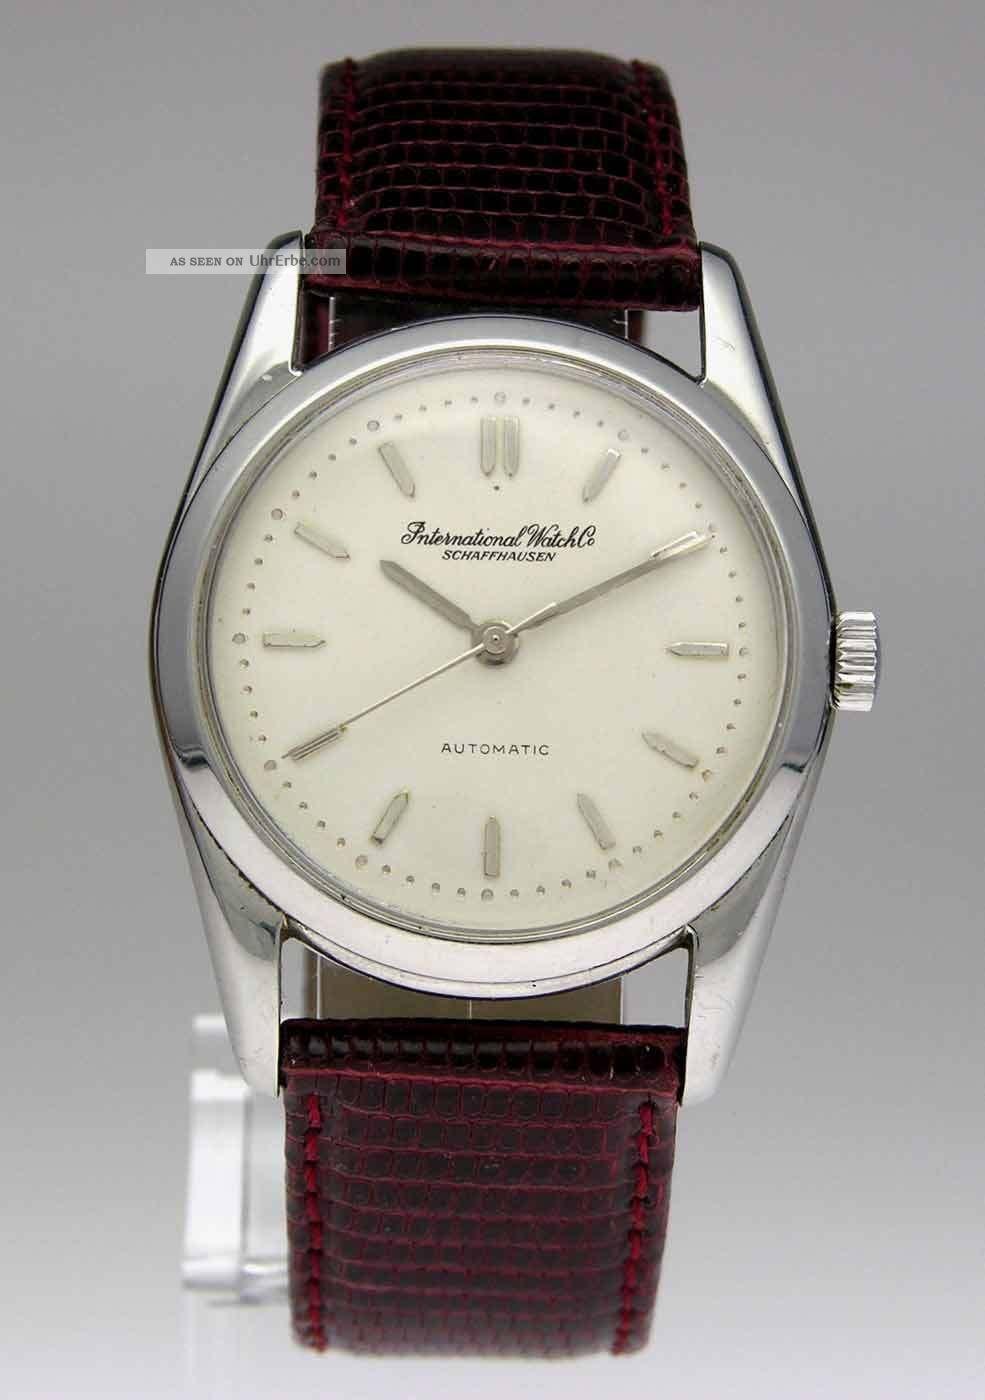 Iwc International Watch Co Schaffhausen Automatic Stahl Herren Uhr Armbanduhren Bild